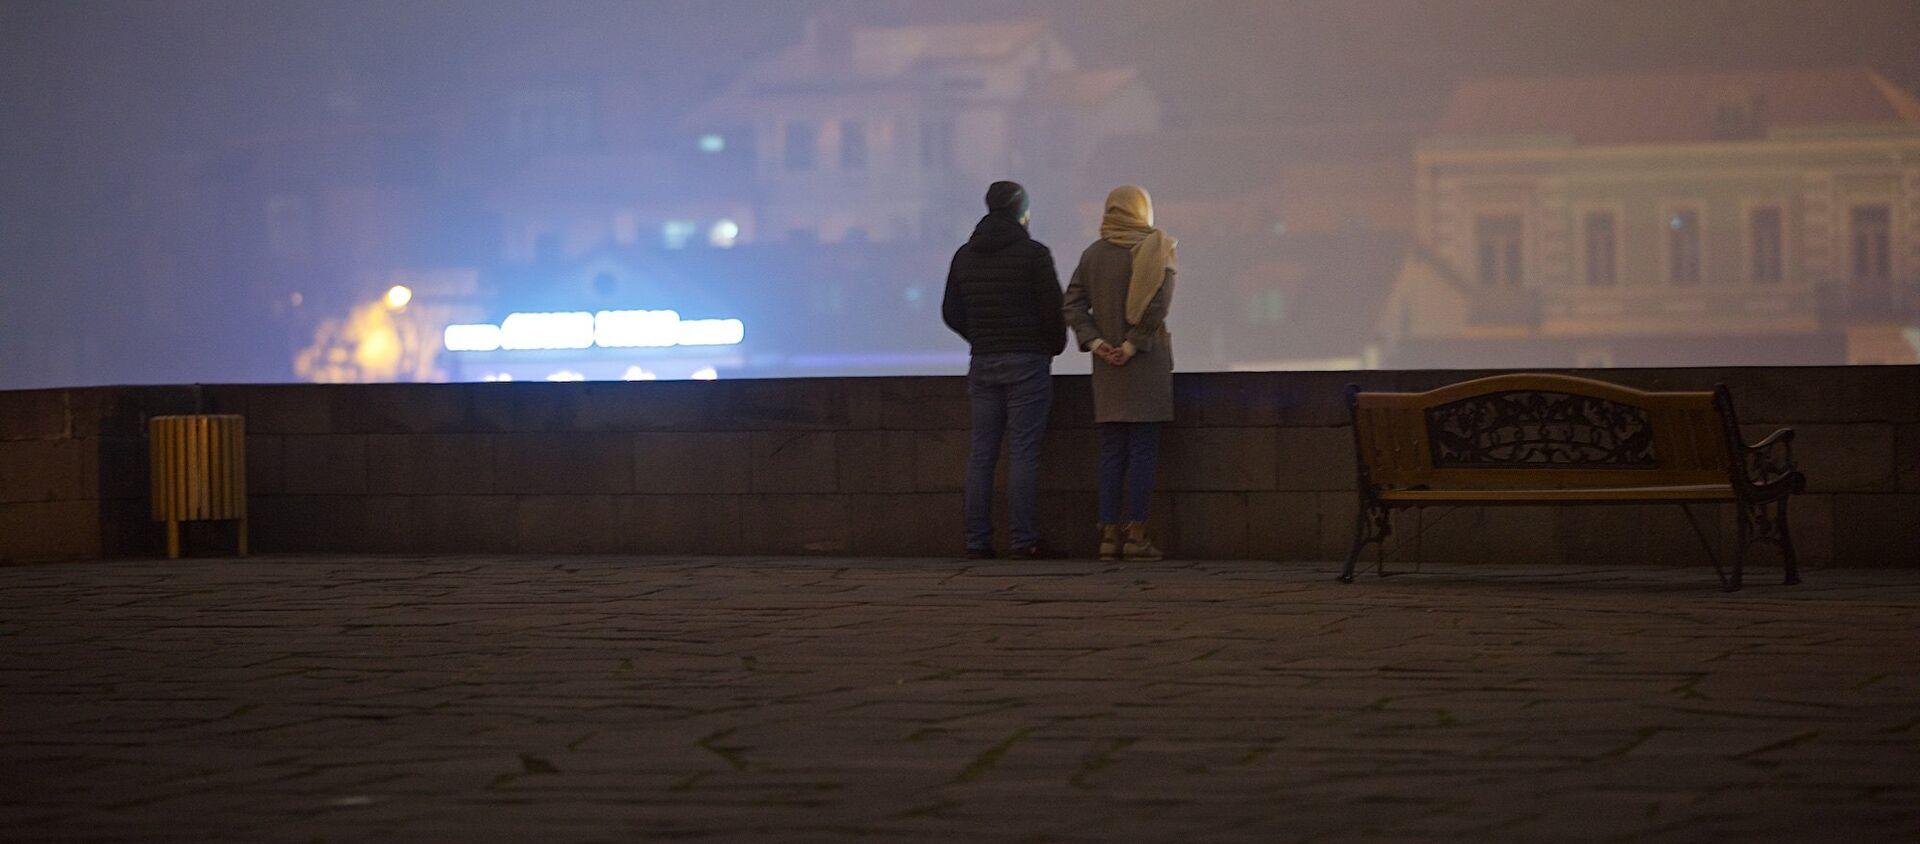 Тбилиси в тумане - туристы смотрят на город со смотровой площадки у памятника Вахтангу Горгасали - Sputnik Грузия, 1920, 30.03.2021